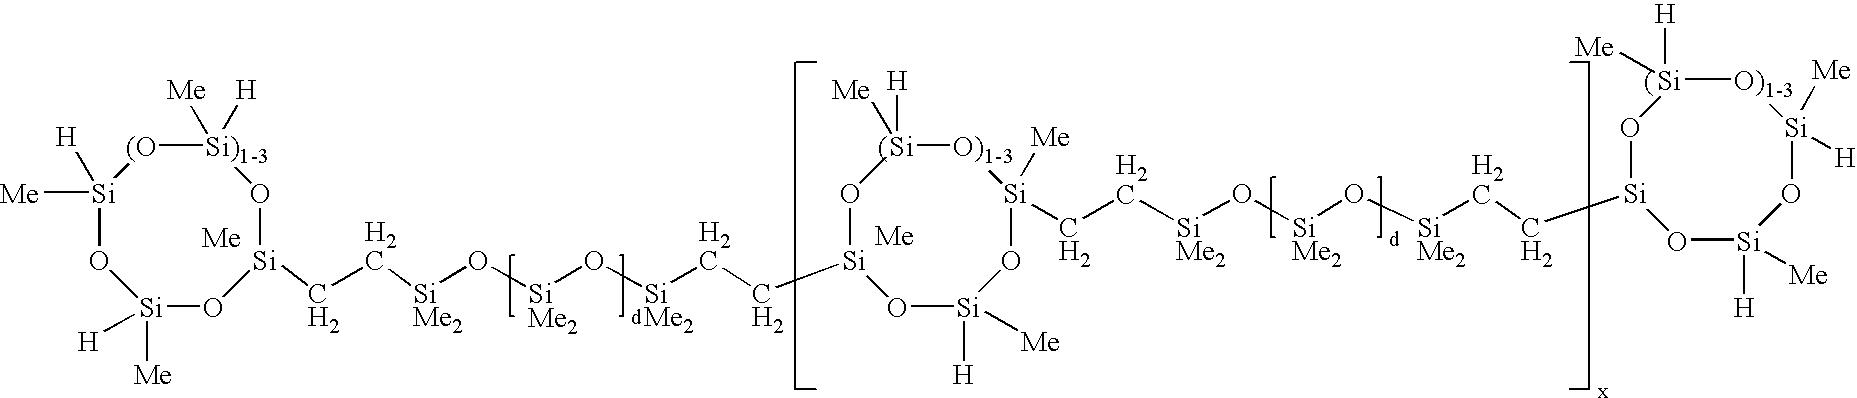 Figure US20060189767A1-20060824-C00008